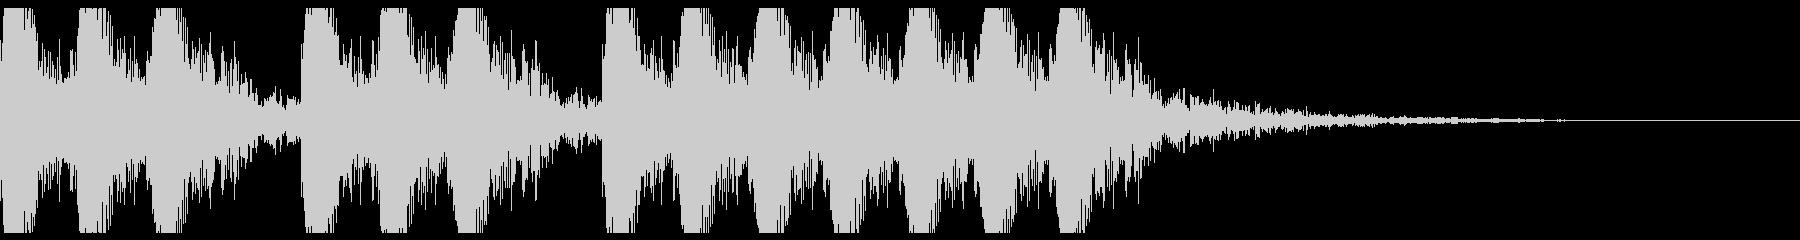 三三七拍子 その14 オーケストラの未再生の波形